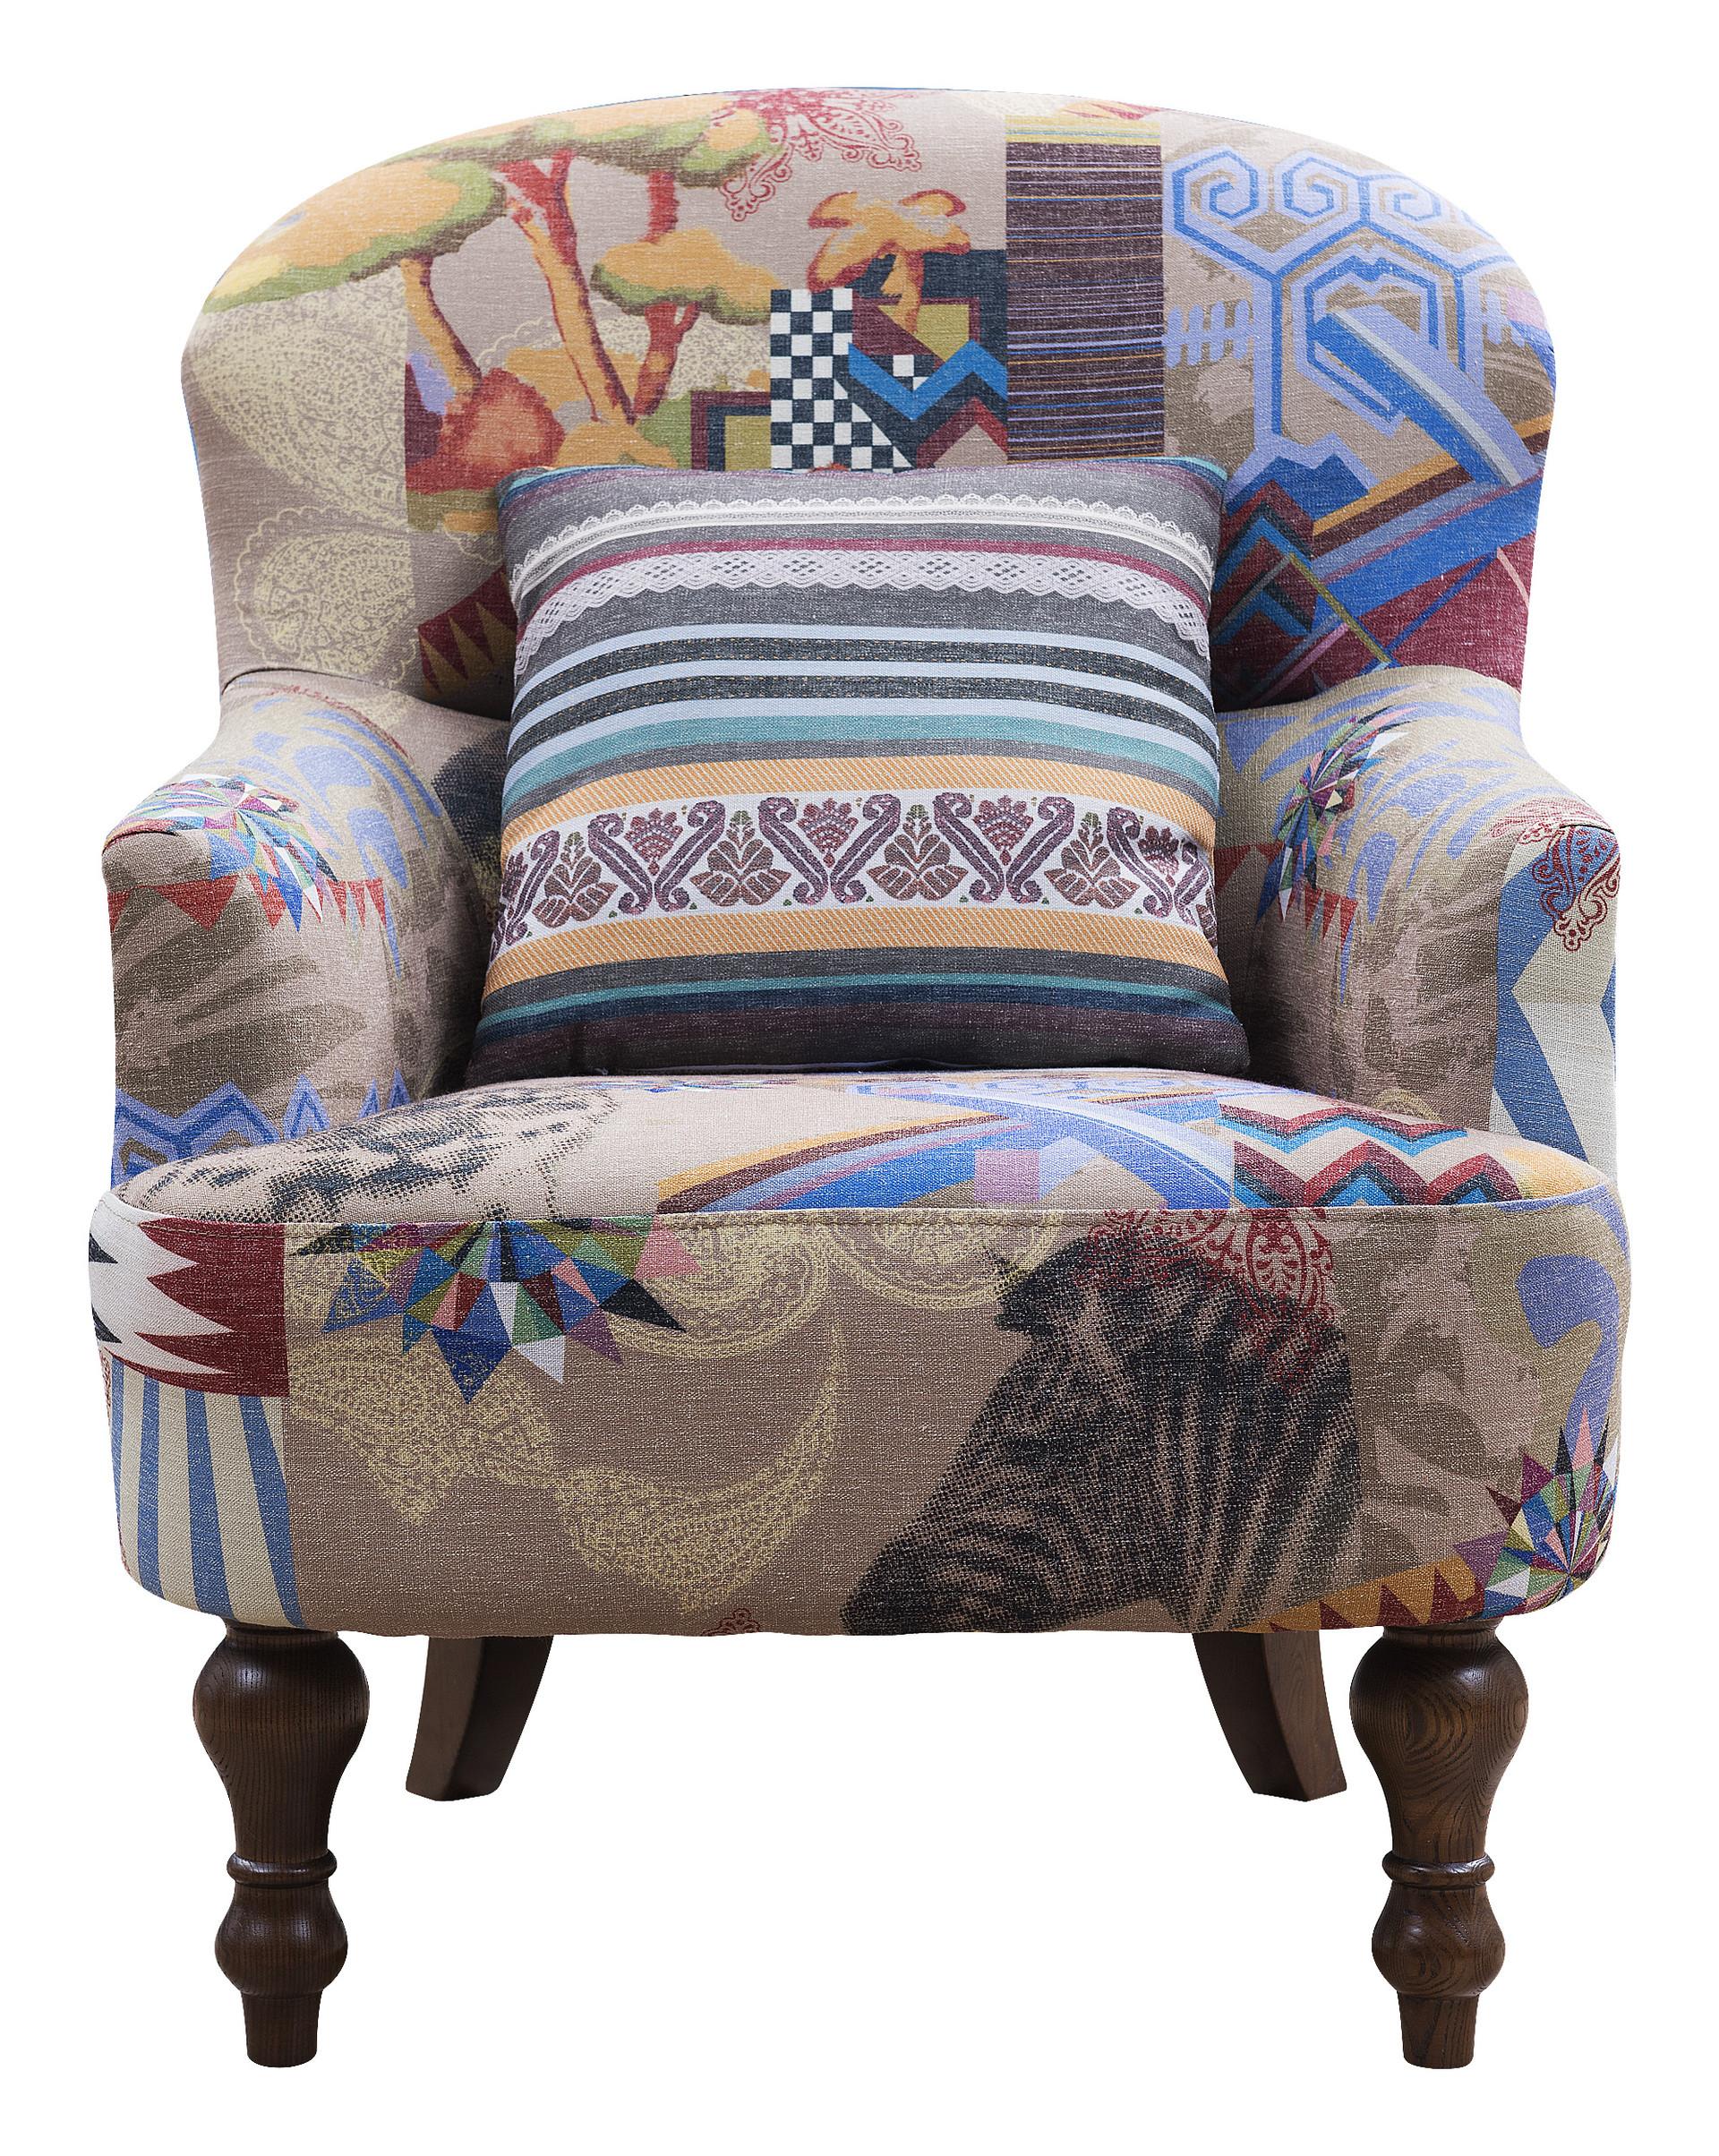 森盛家具 舒美系列  客厅/ 卧房 休闲椅   XY6001